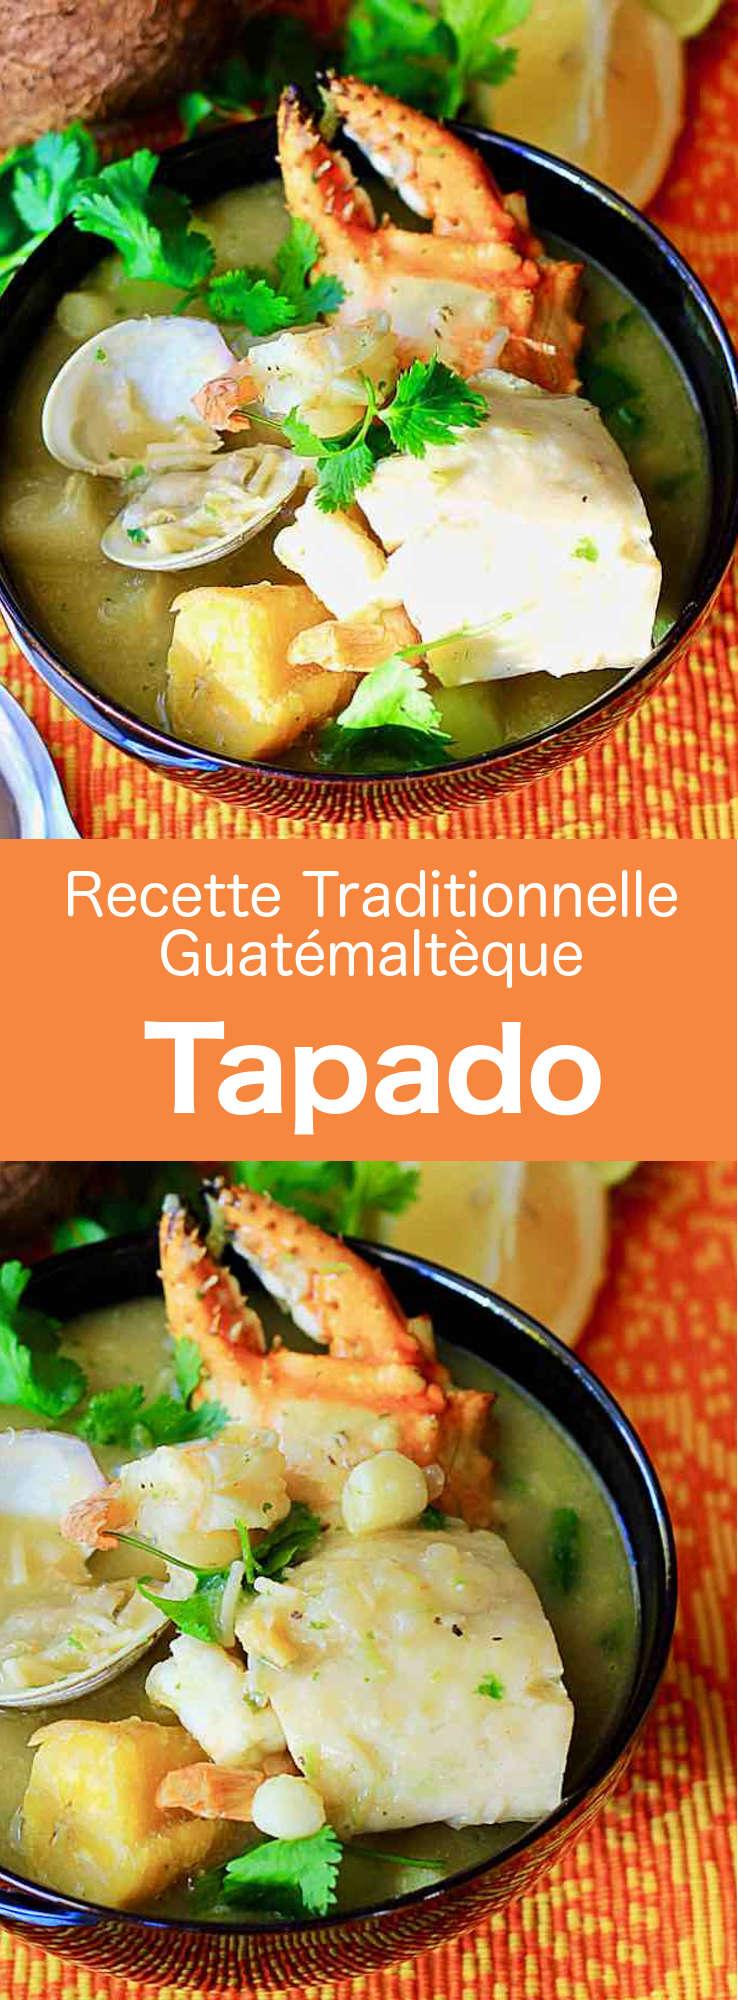 Le tapado est une soupe traditionnelle guatémaltèque de poisson et fruits de mer à la banane verte et à la crème de coco. #Guatemala #CuisineGuatemalteque #AmeriqueCentrale #CuisineDuMonde #196flavors